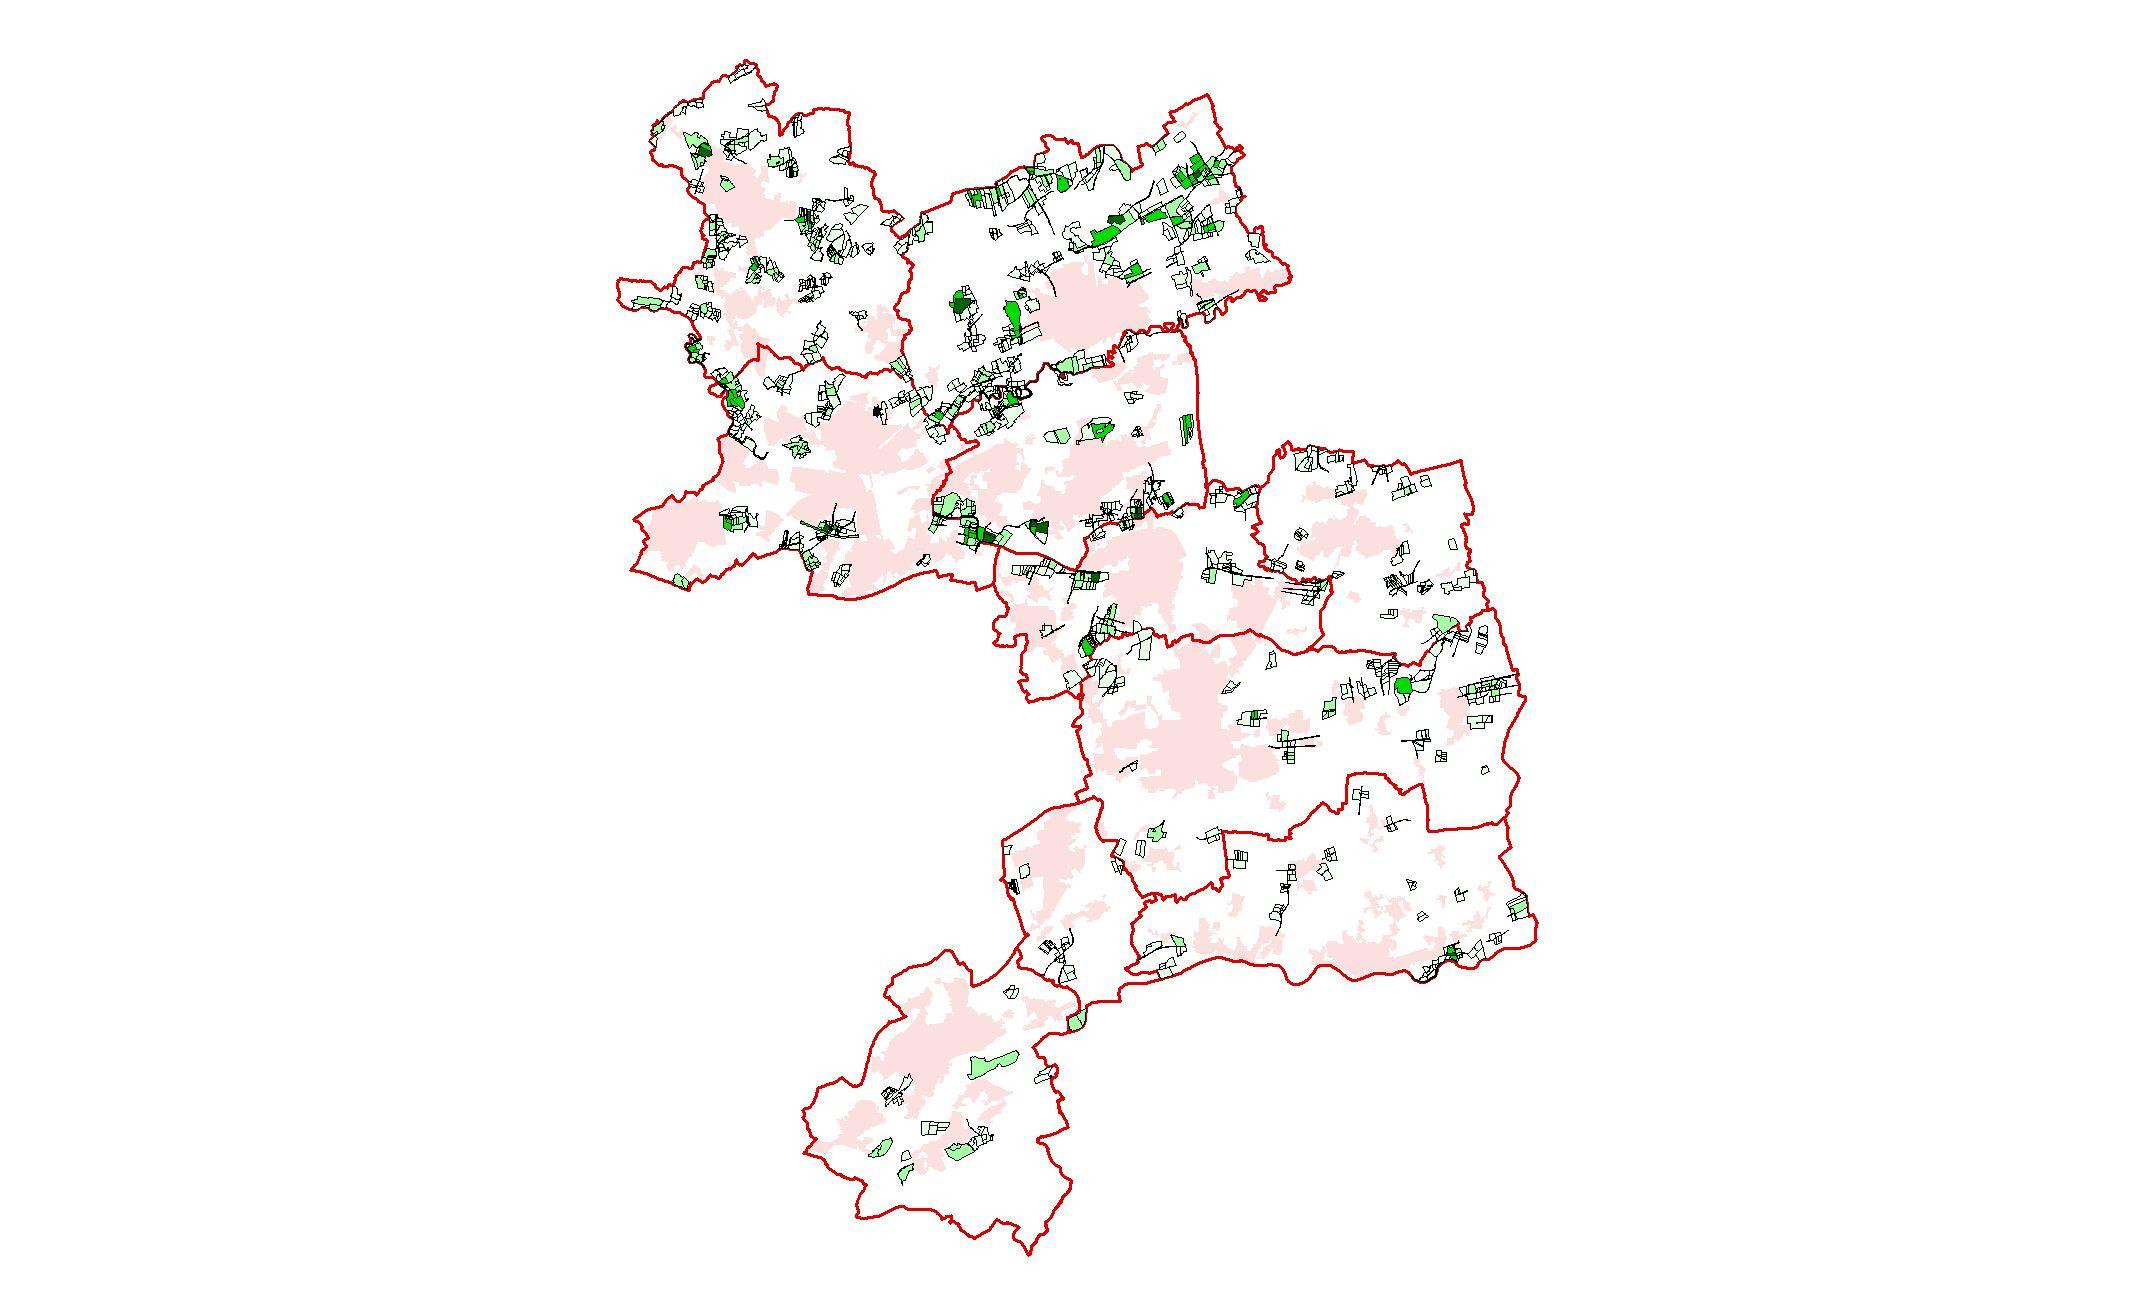 Flächentreue brutverdächtige Kiebitze im Kreis Unna 1999 - 2013